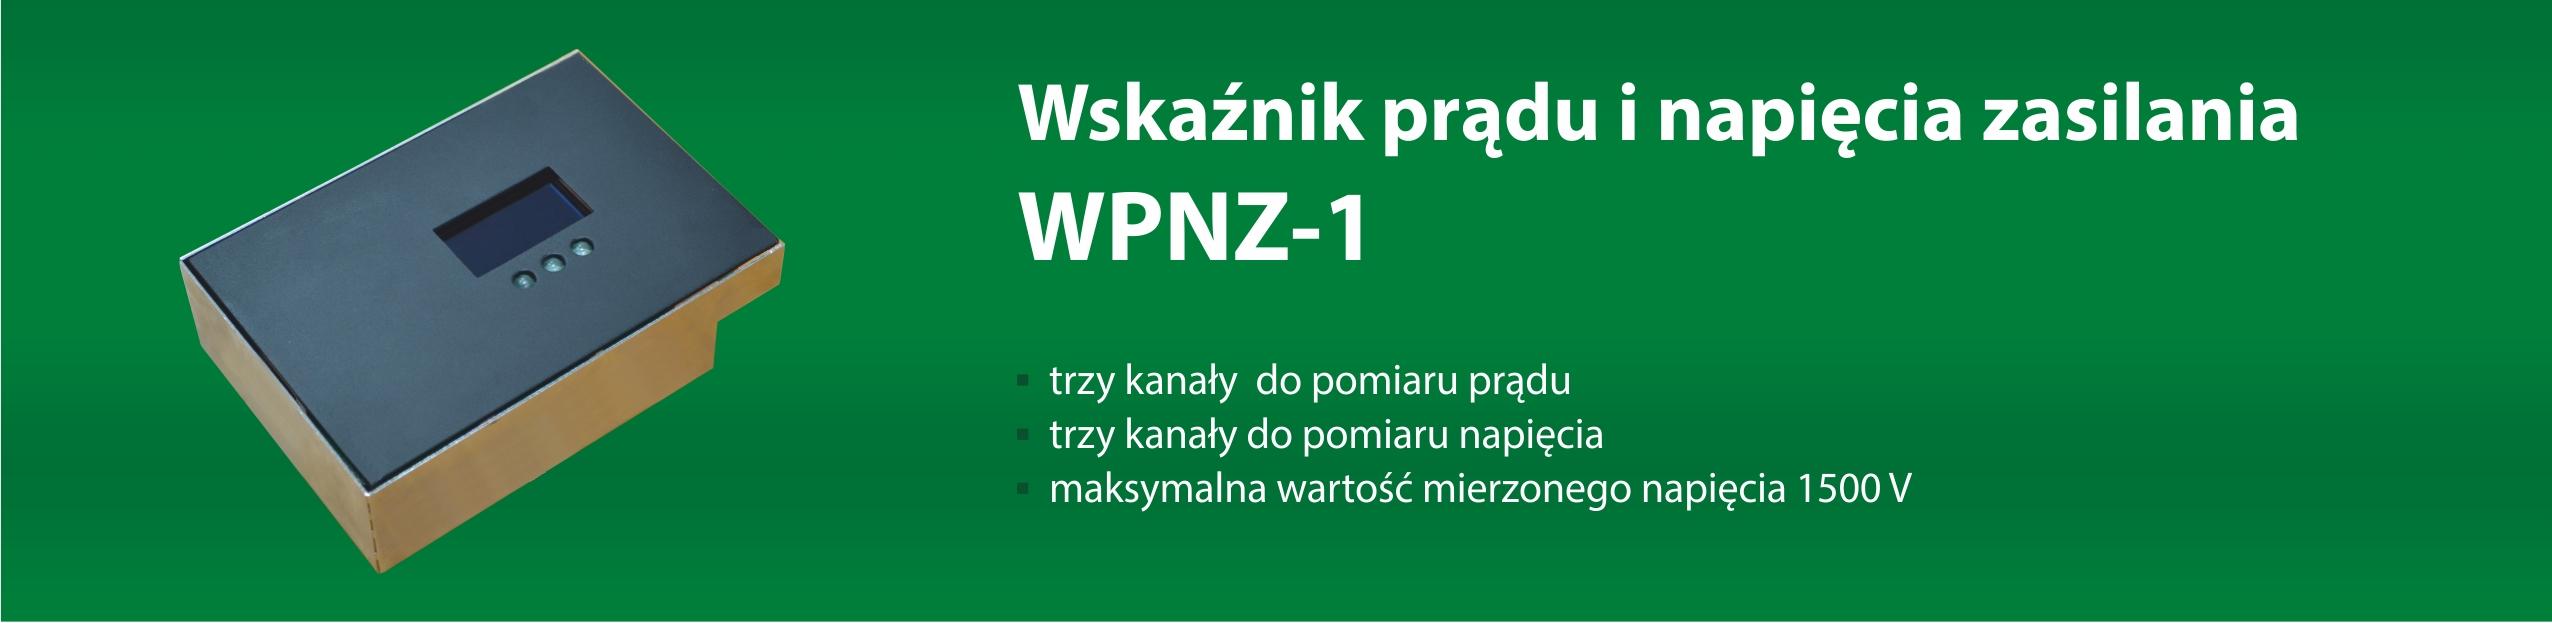 wpnz1